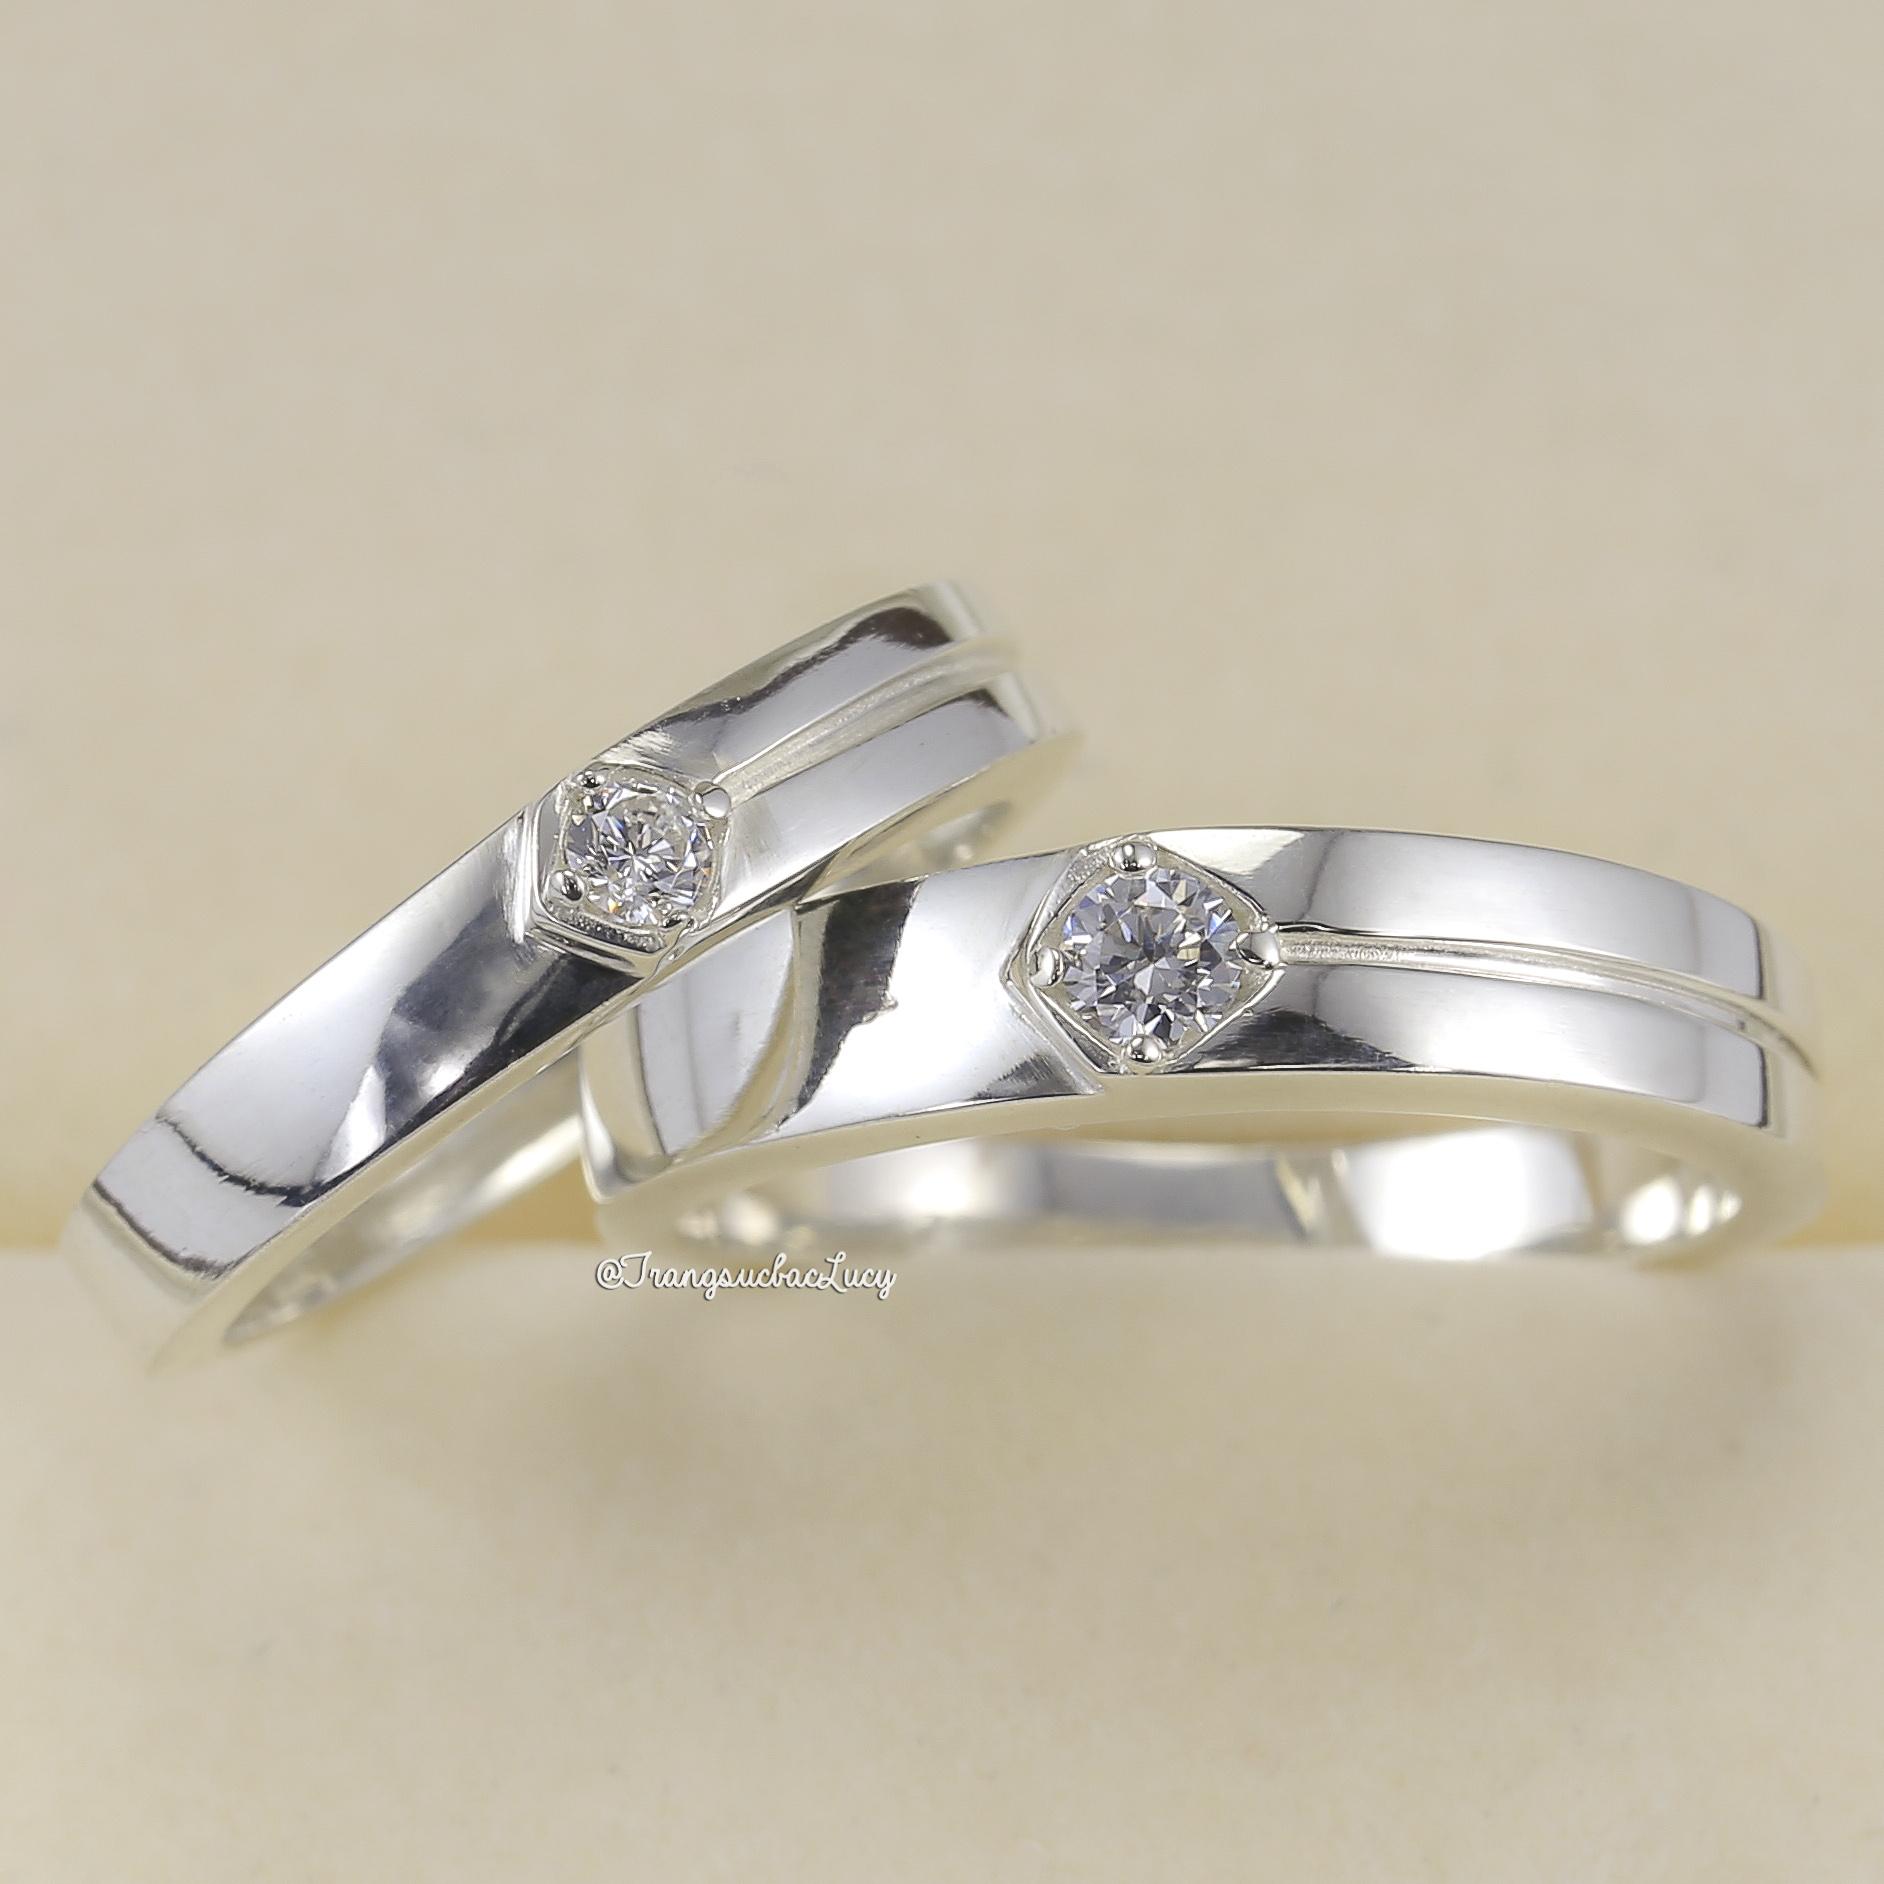 Nhẫn đôi nhẫn cặp bạc Lucy - ND053